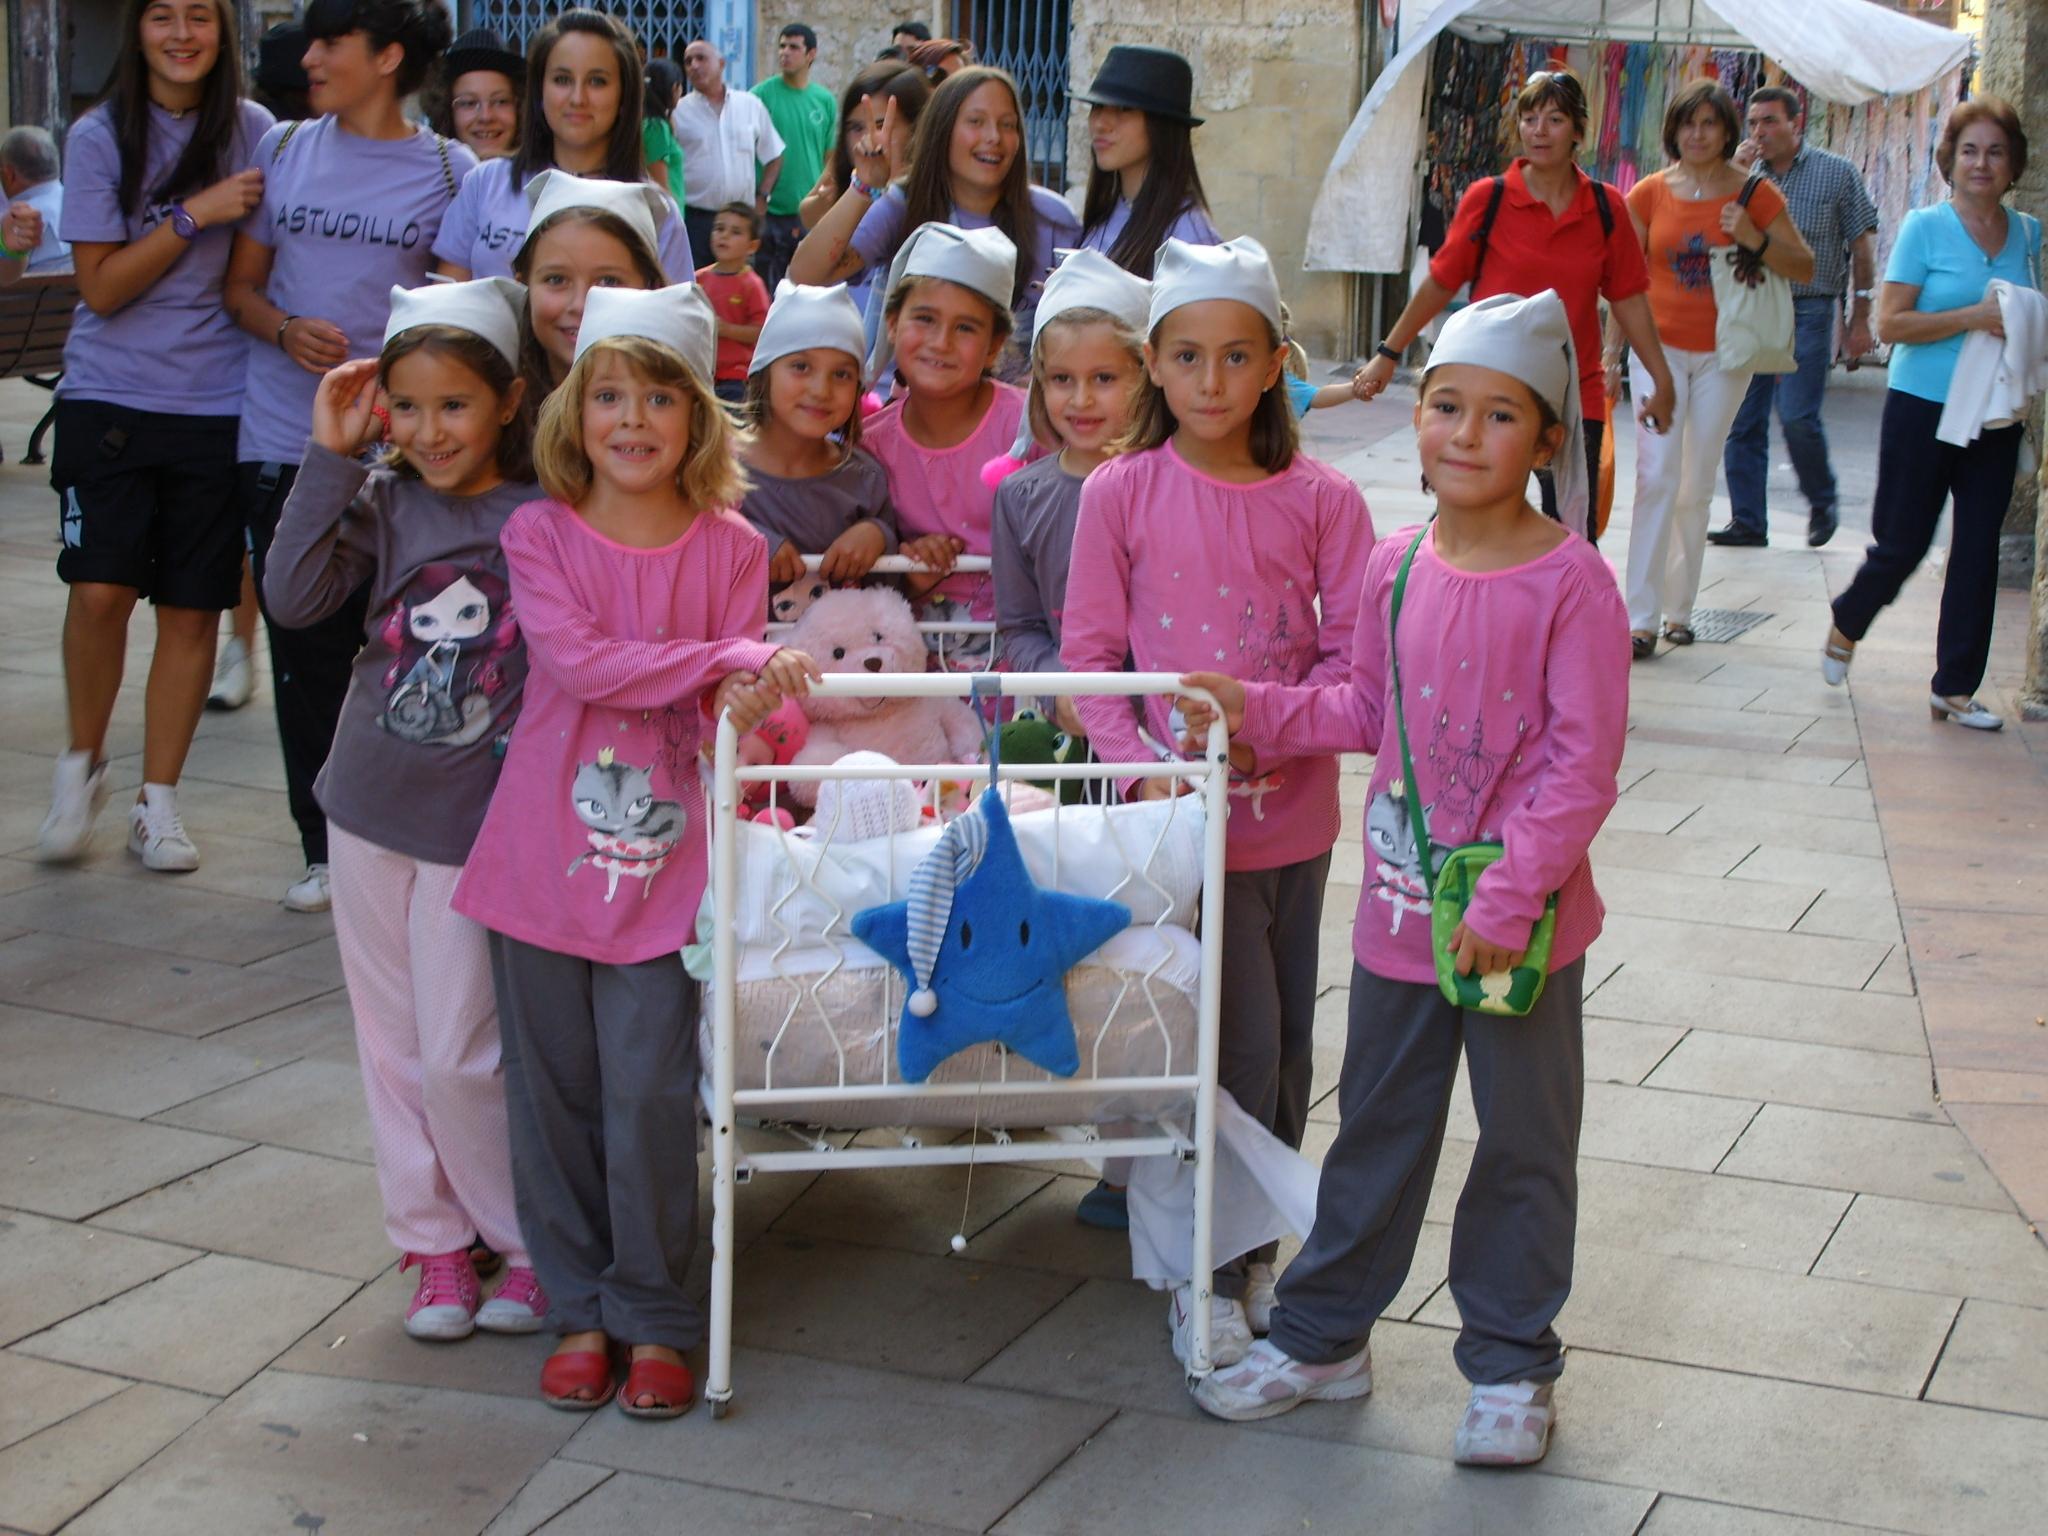 Fiestas de Astudillo 2011 03